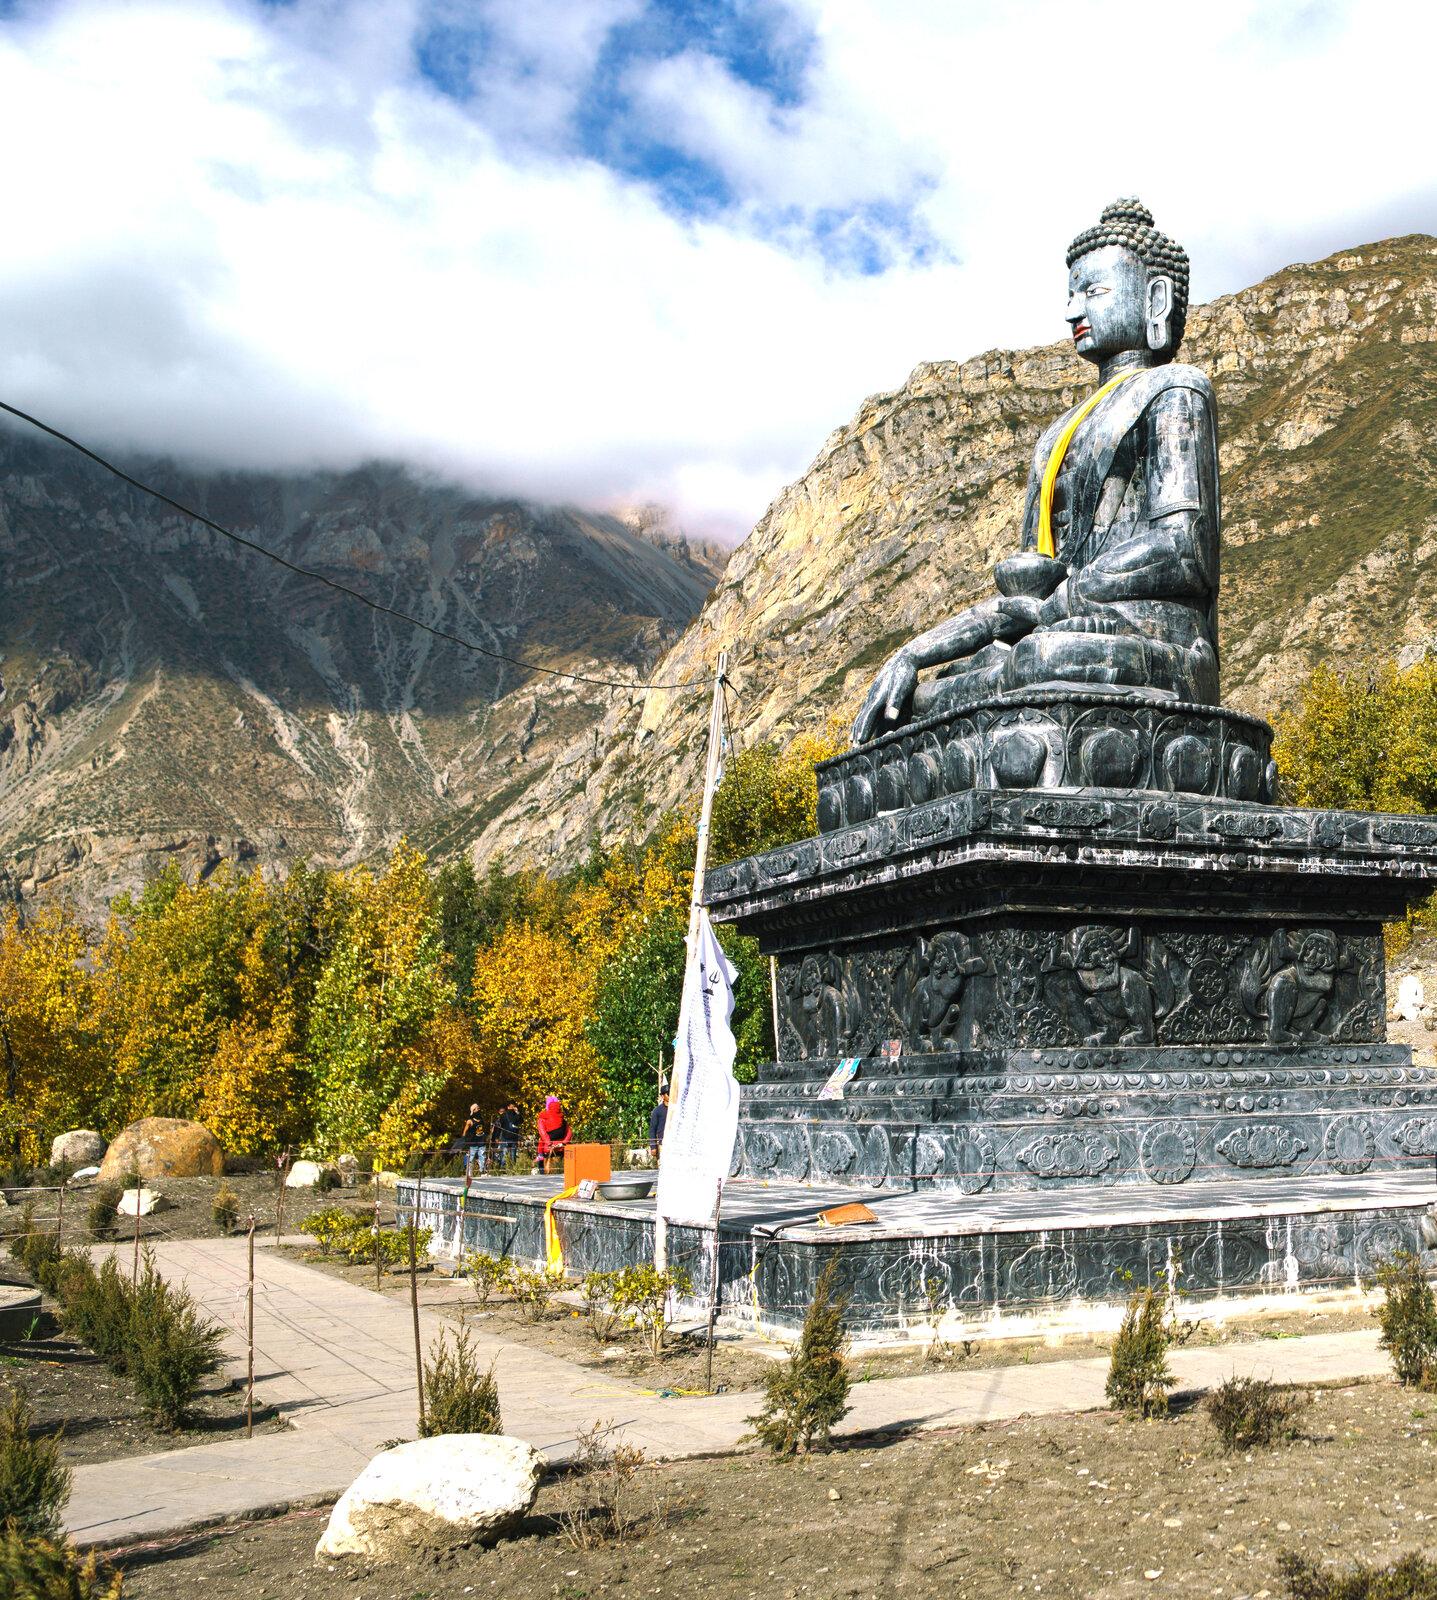 kúsok od komplexu kláštora je monumentálna socha Budhu .